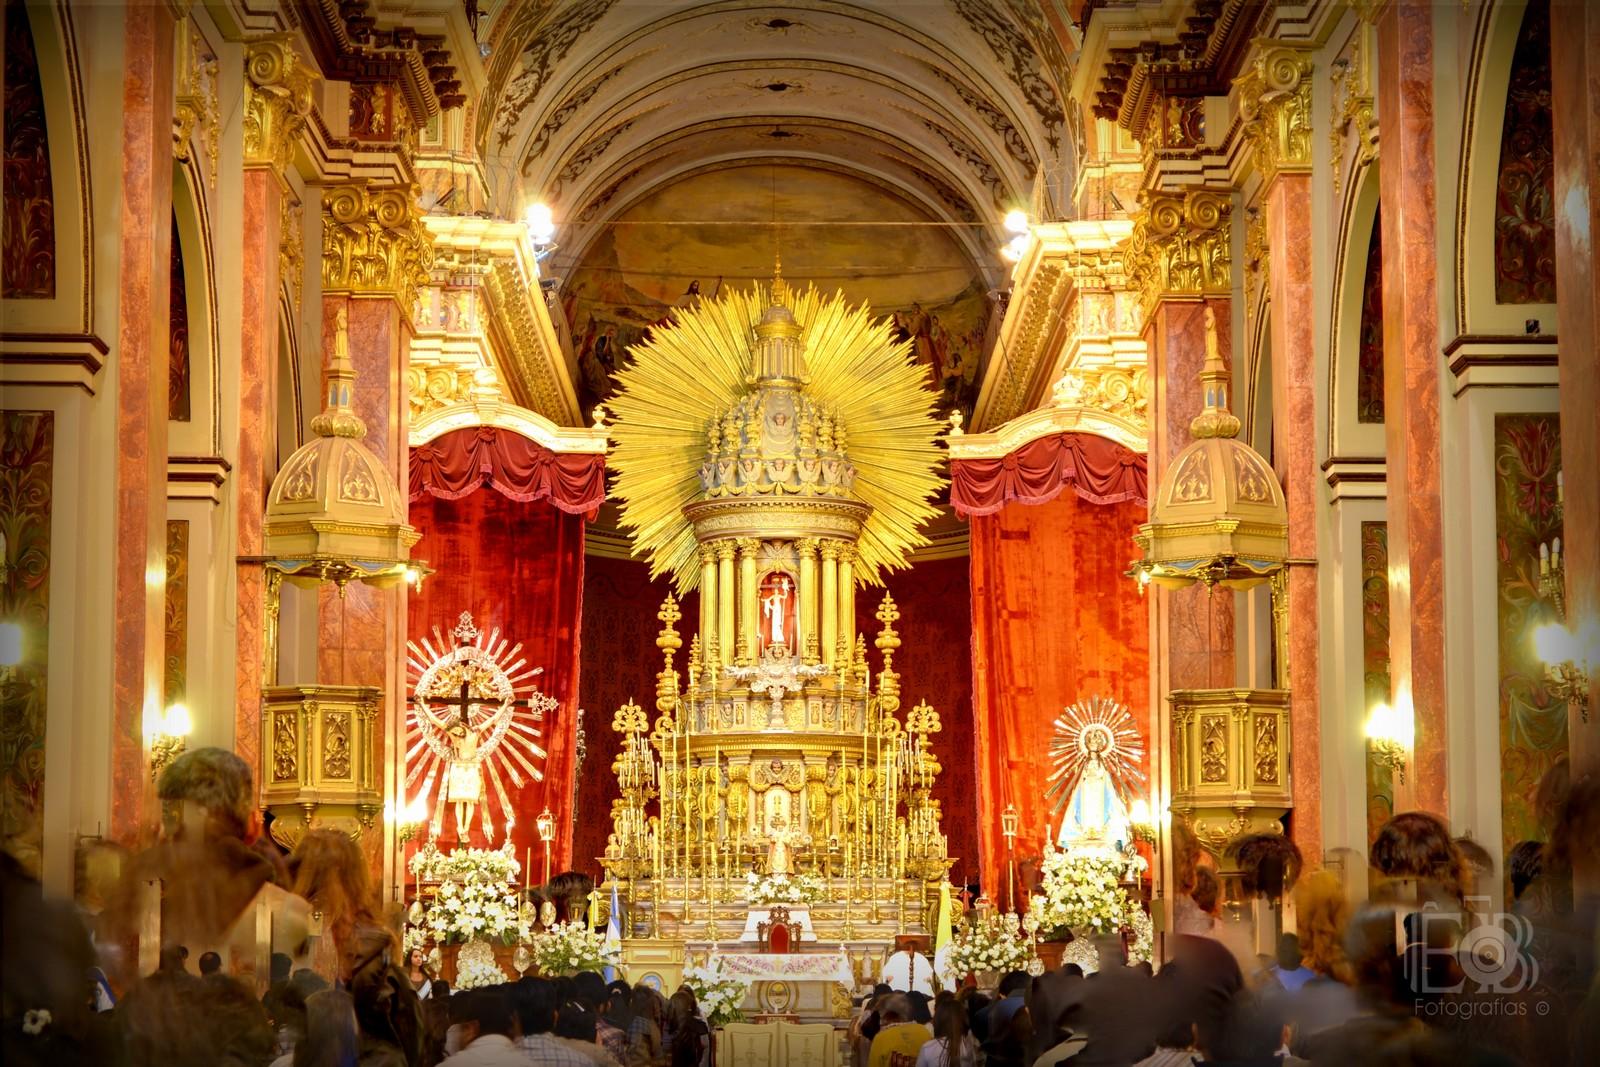 Protectora contra los Terremotos: Nuestra Señora del Milagro, Salta, Argentina (15 de septiembre)